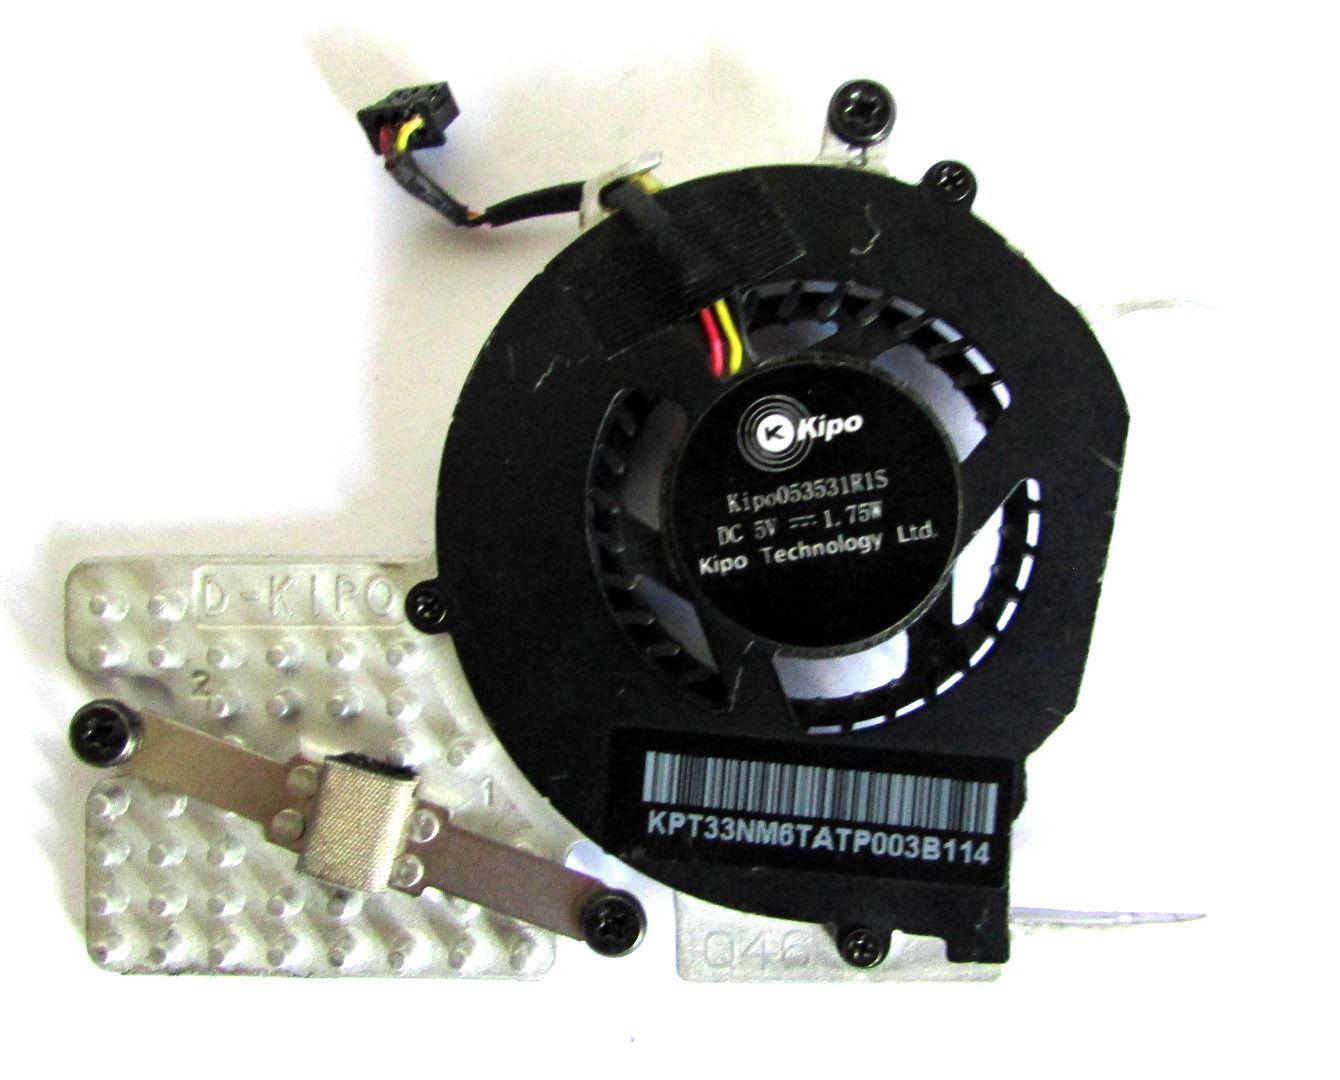 Cooler Com Dissipador Hp Mini 210-1030br Cx125 P/N: 053531r1s  (semi novo)